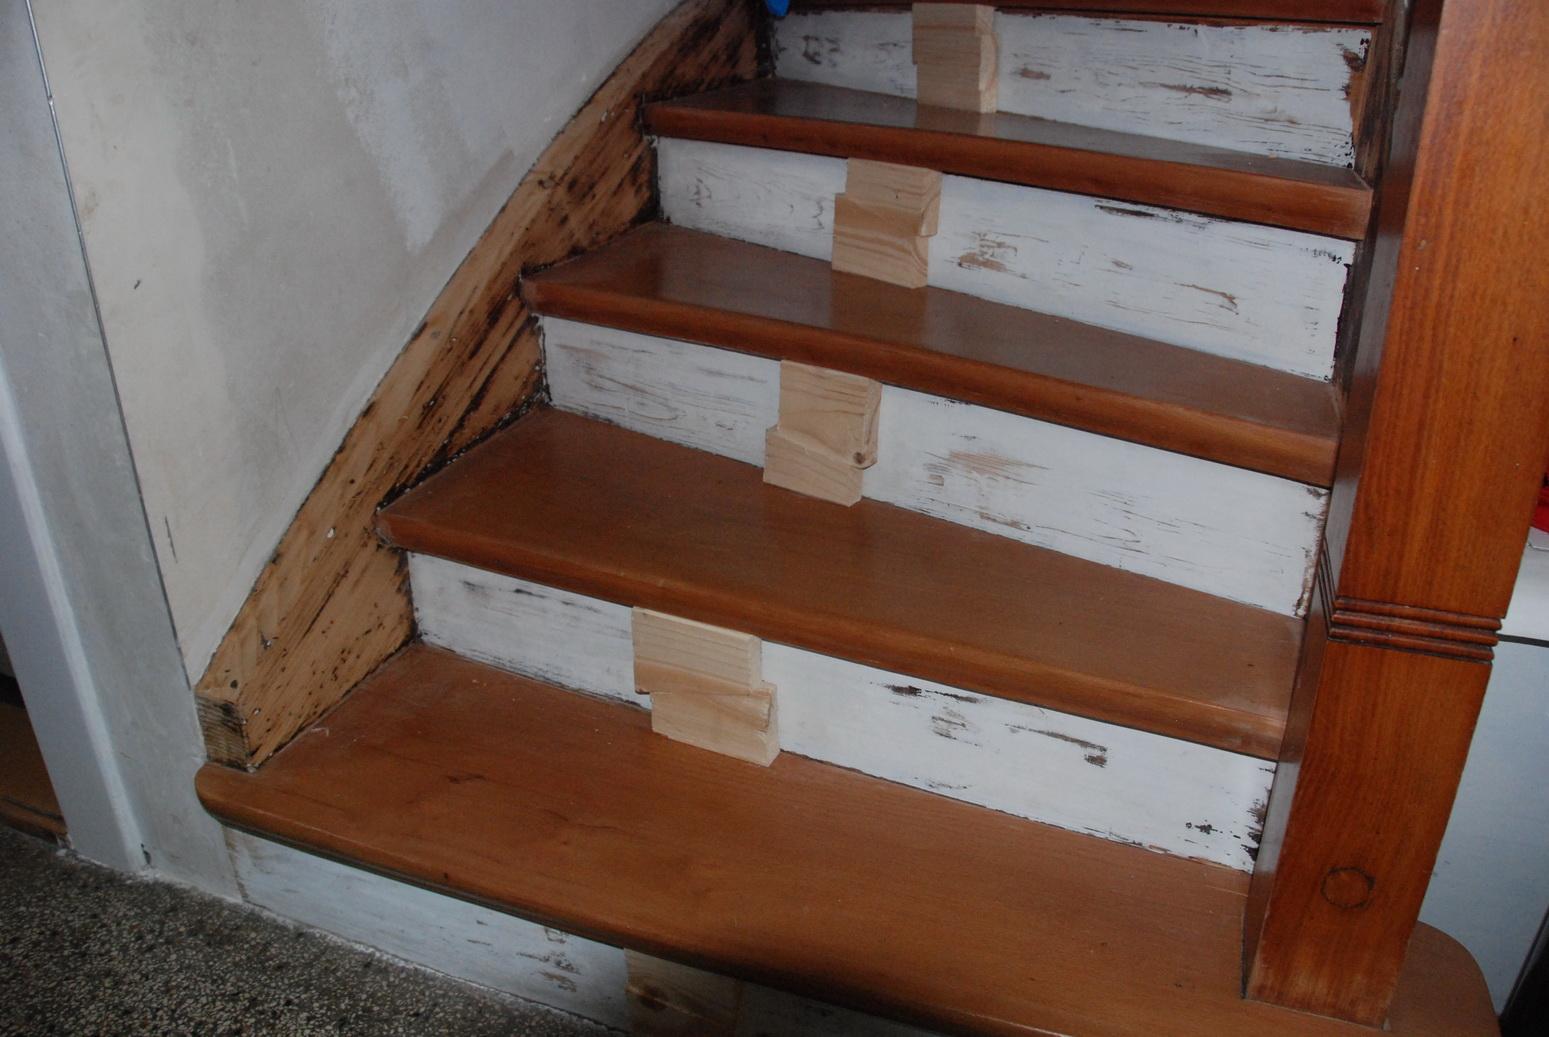 holztreppe lackieren holztreppe renovieren treppe. Black Bedroom Furniture Sets. Home Design Ideas